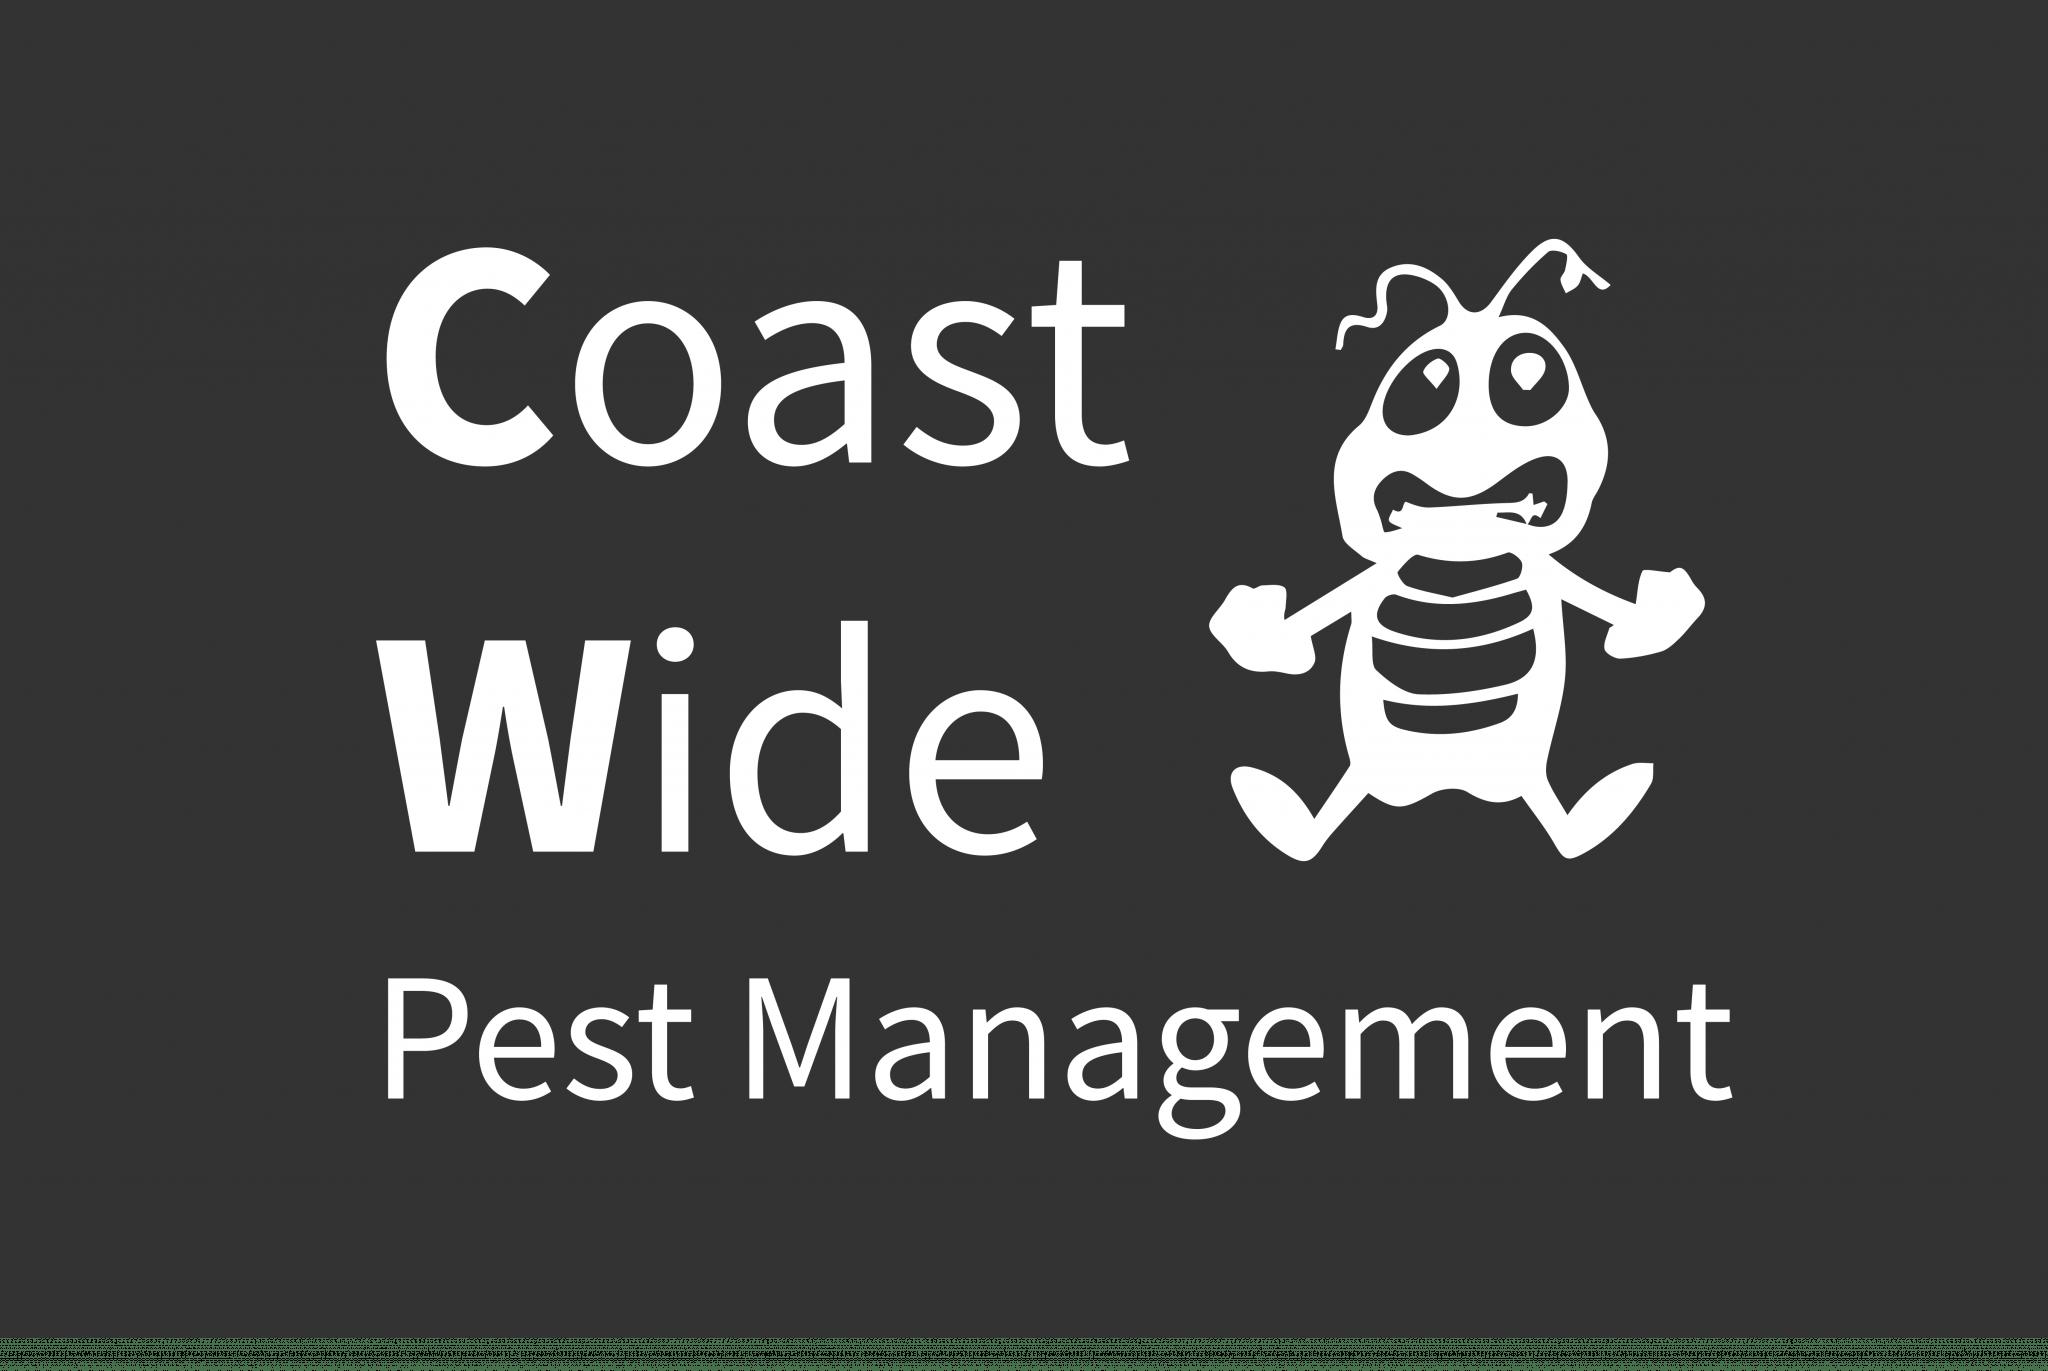 Coastwide Pest Management